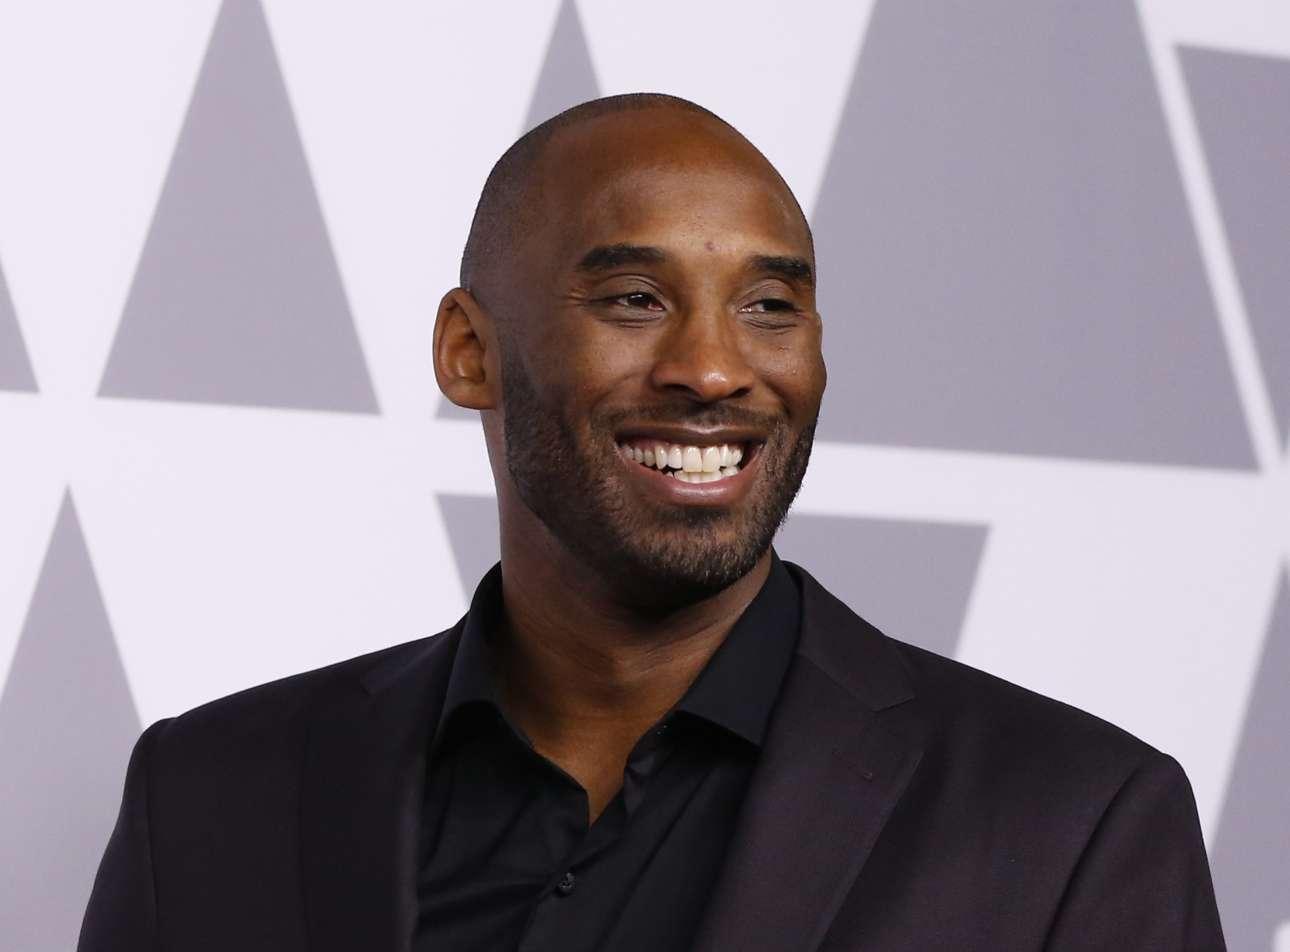 Ο βετεράνος του μπάσκετ Κόμπι Μπράιαντ, ένας σταρ του Λος Αντζελες, o οποίος εφέτος είναι υποψήφιος για την καλύτερη ταινία μικρού μήκους στην κατηγορία των κινουμένων σχεδίων. Ονομα του φιλμ «Dear Basketball»